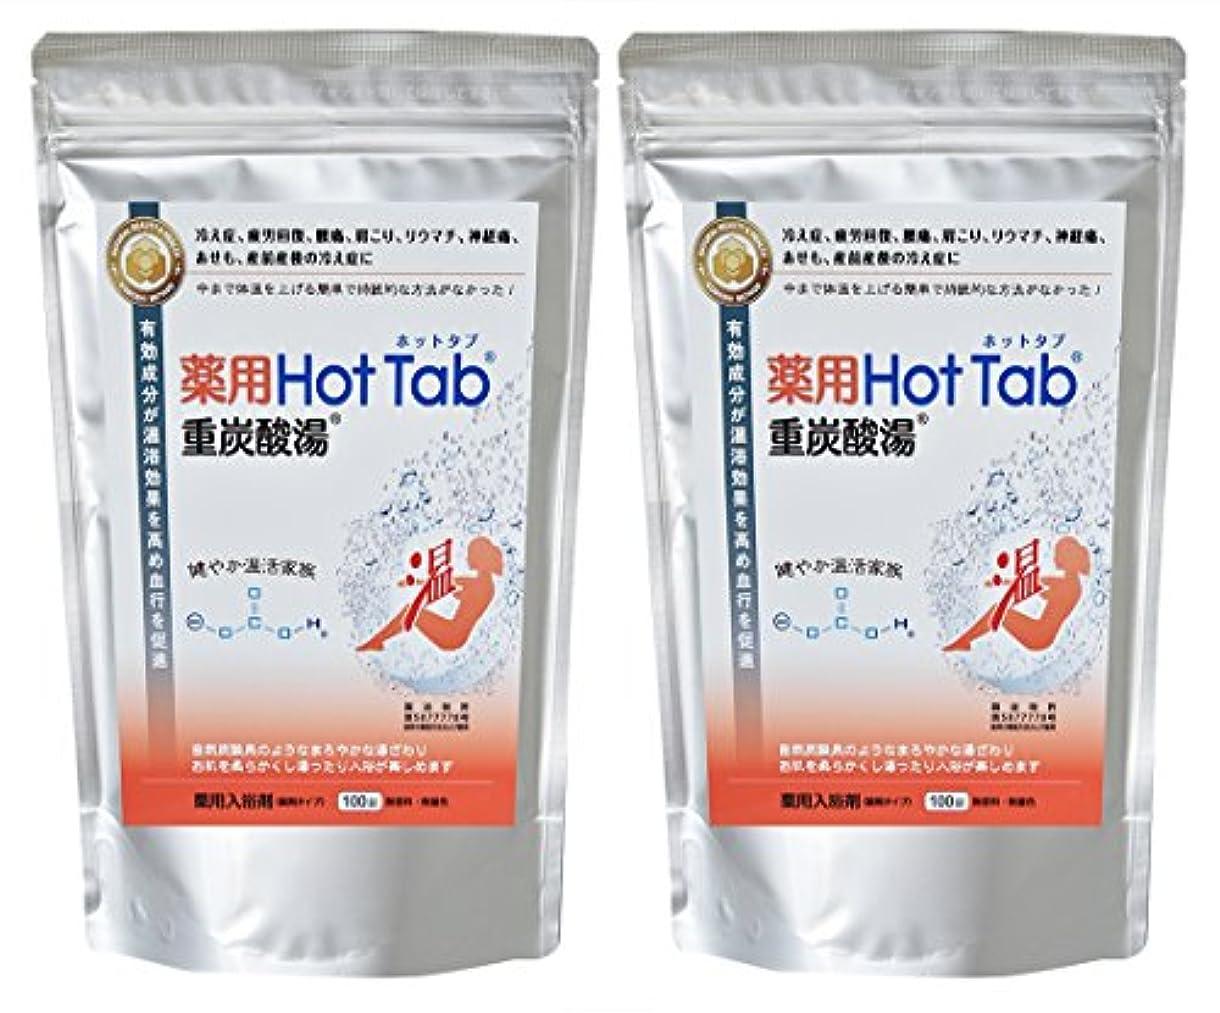 奨励リス飛行機薬用 Hot Tab 重炭酸湯 100錠入りx2セット